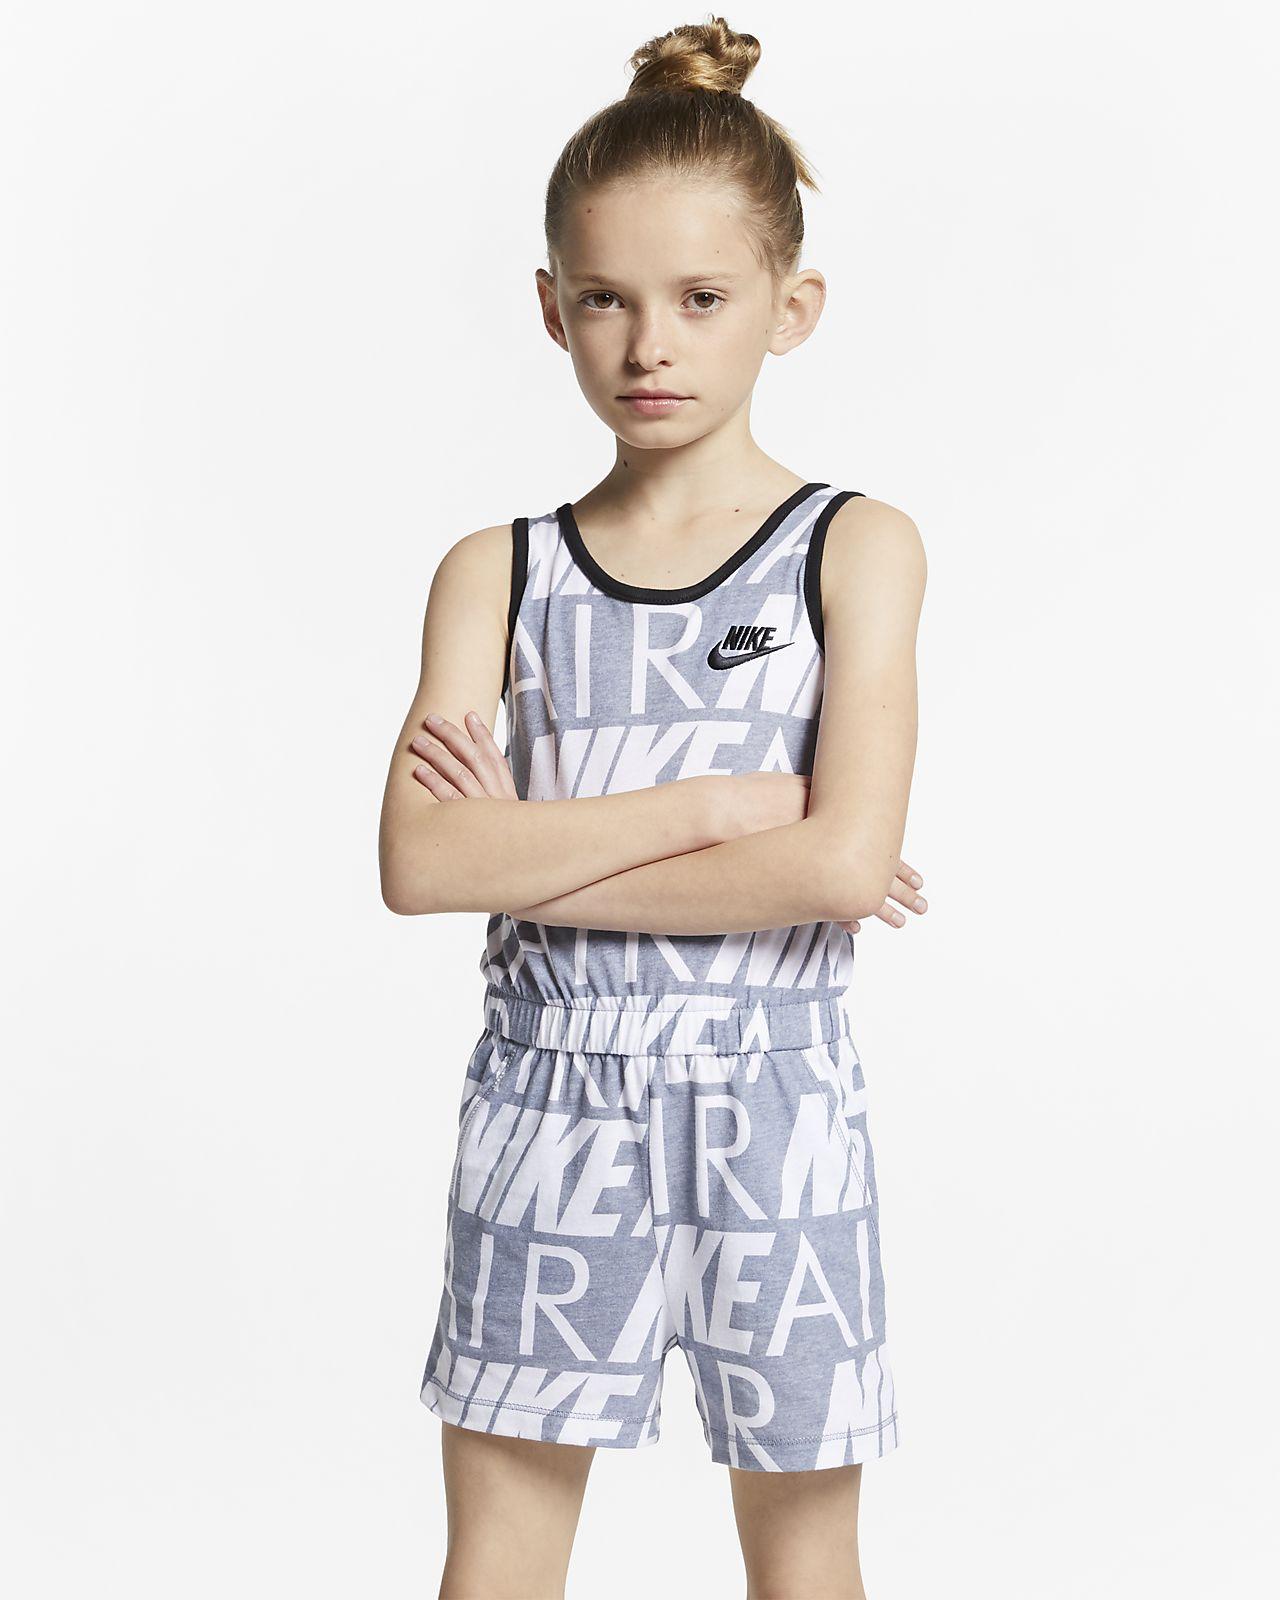 Φορμάκι Nike Air για μικρά παιδιά